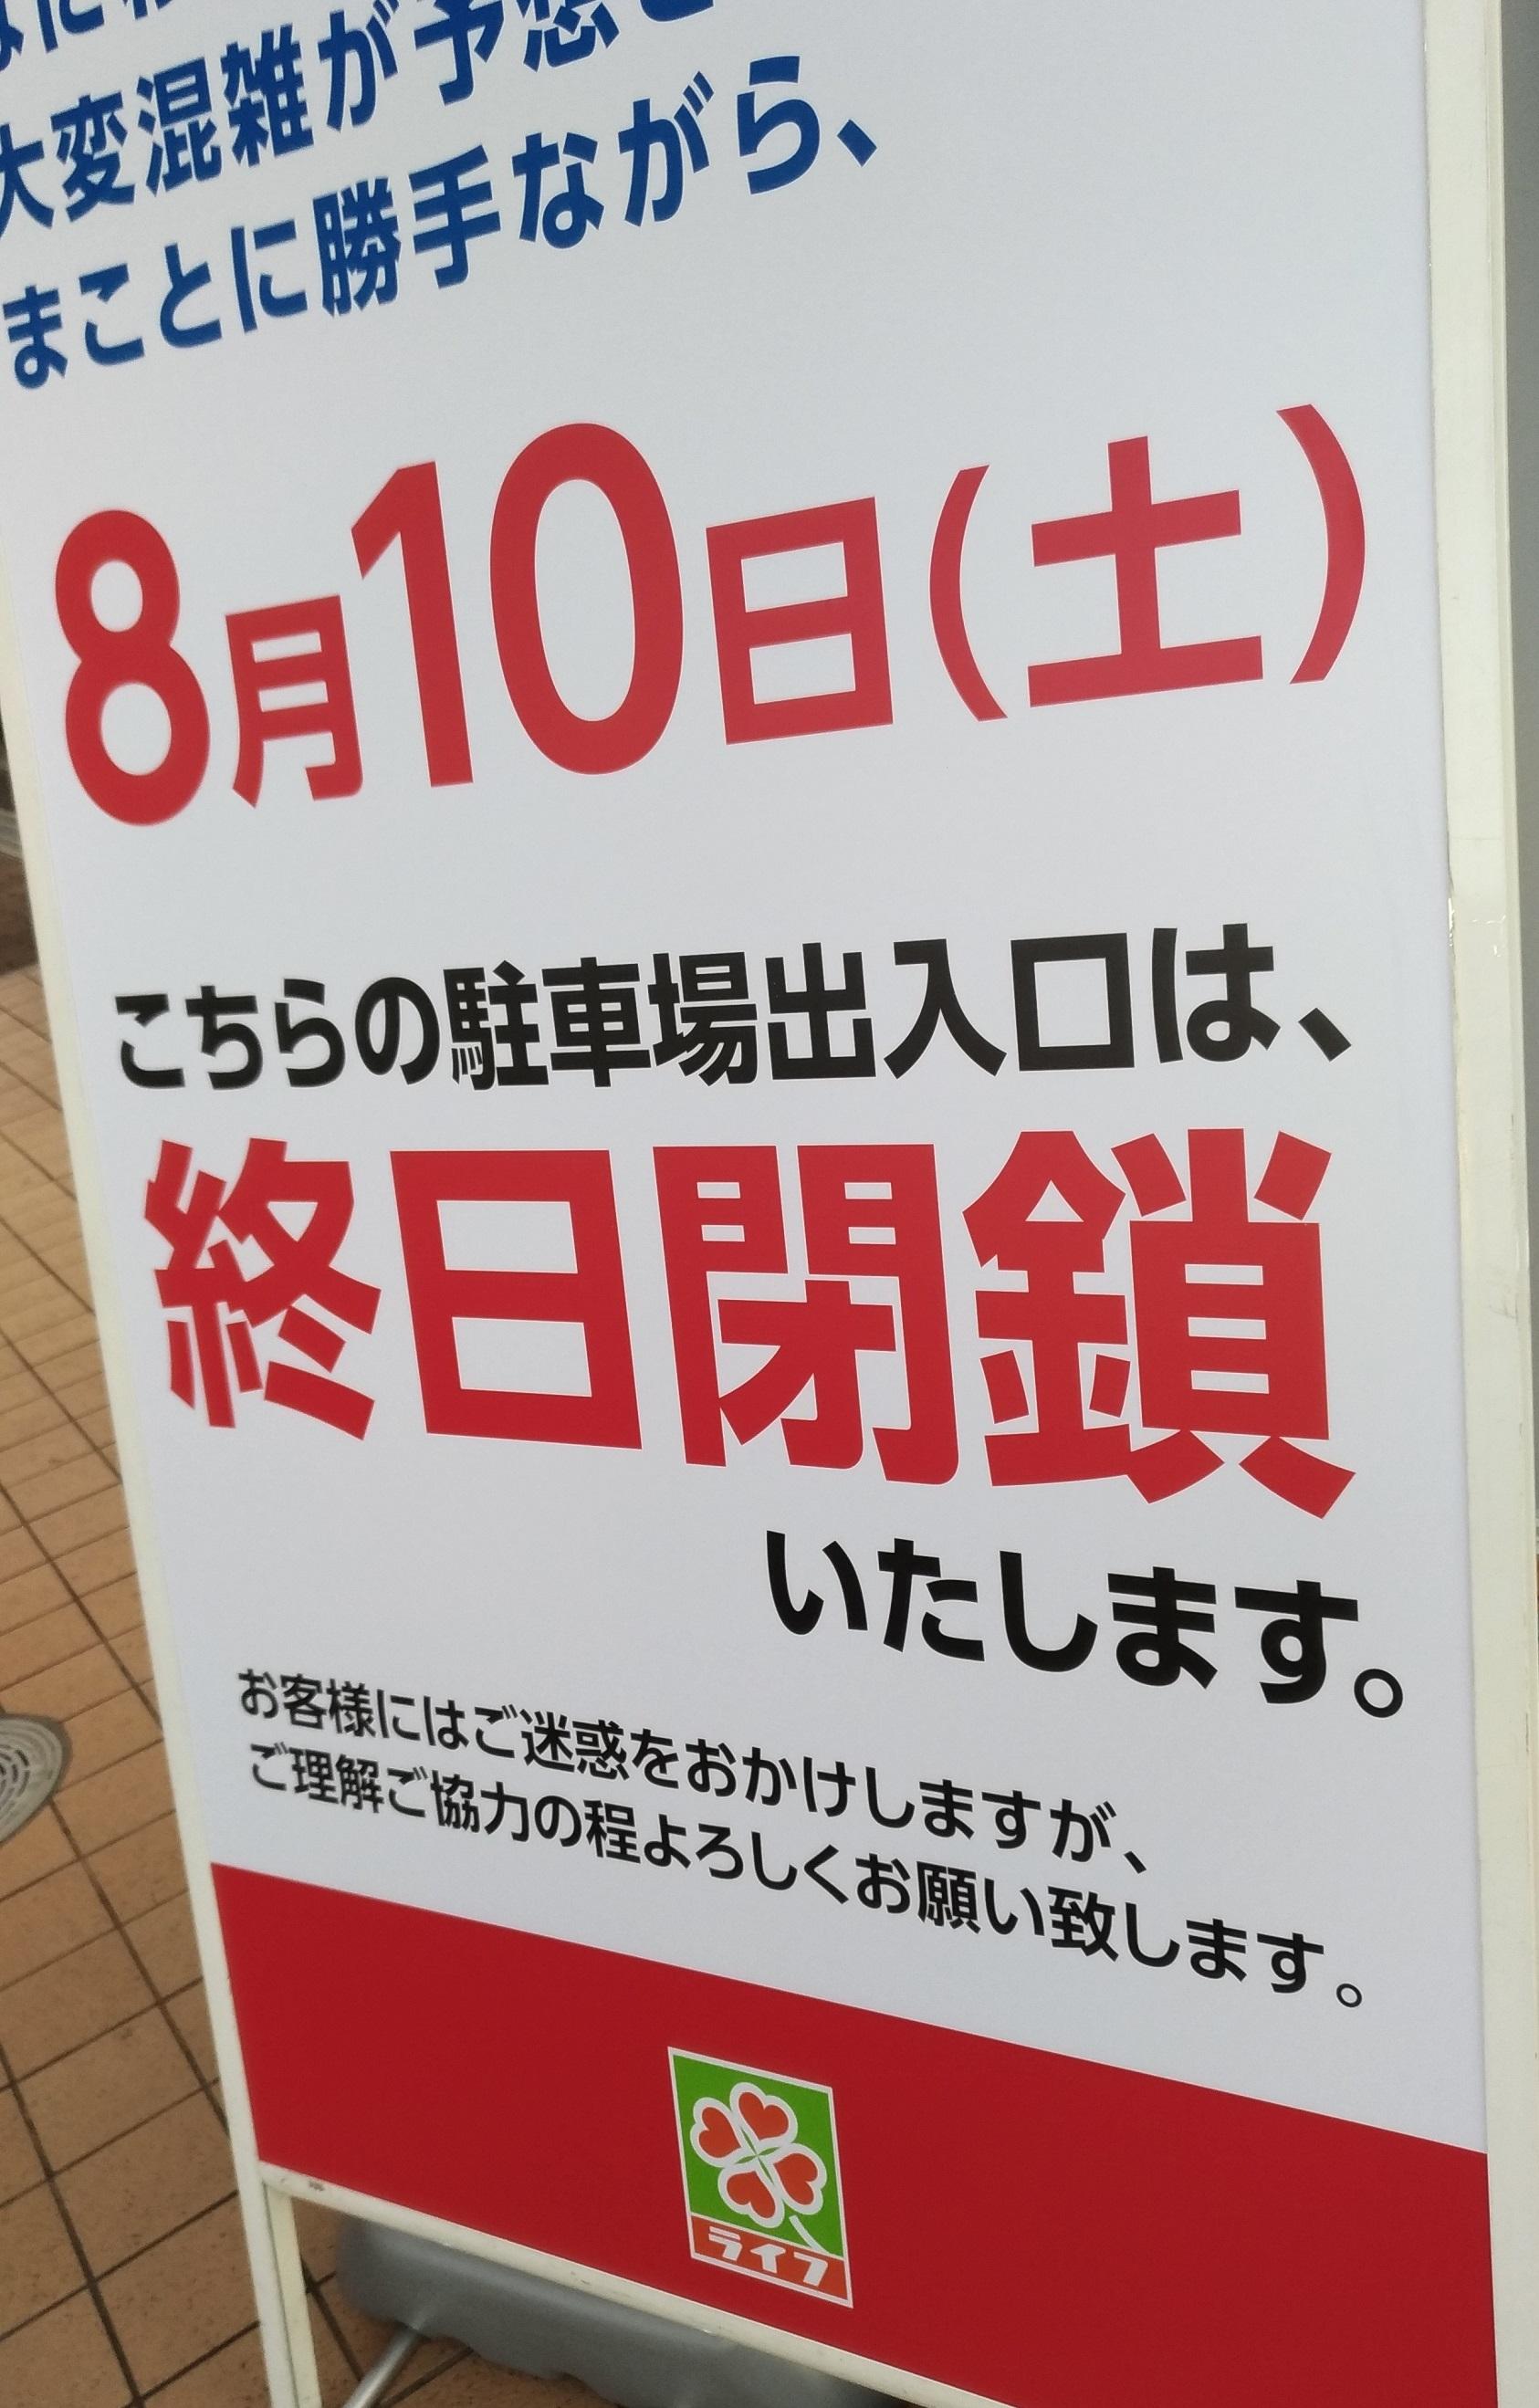 hanabi_osaka_yodogawa2019_0810_1.jpg